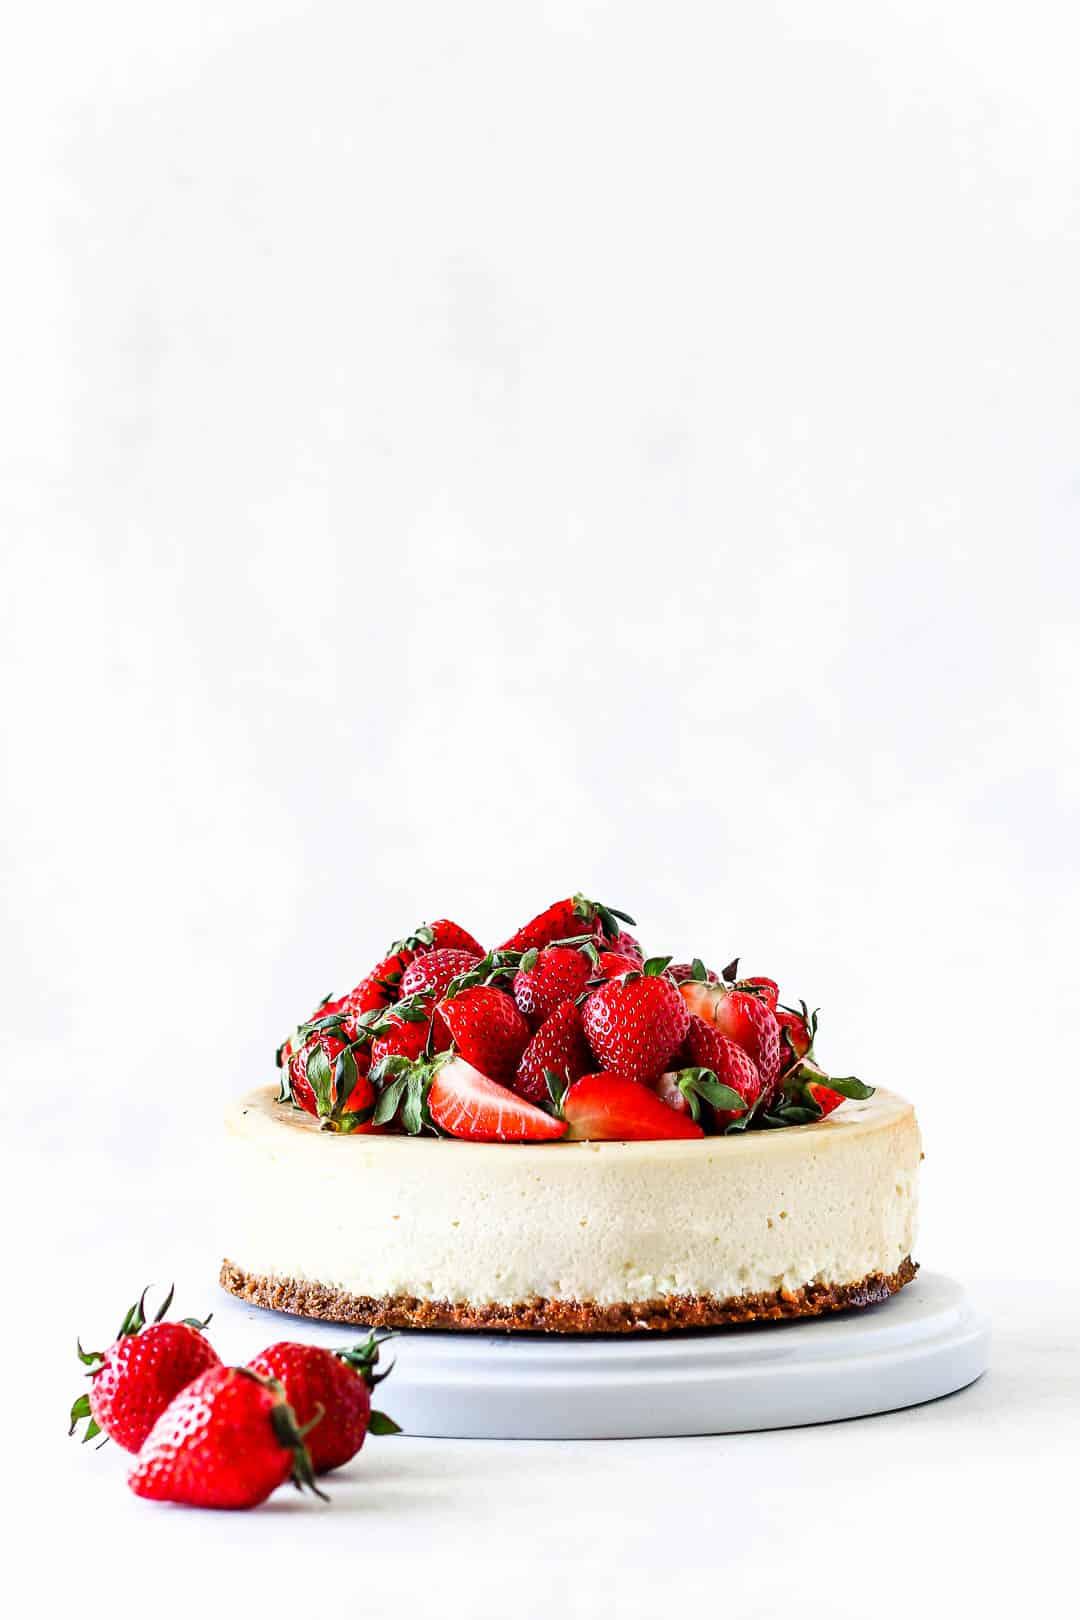 Cheesecake med jordbær - opskrift på nem cheesecake med bær